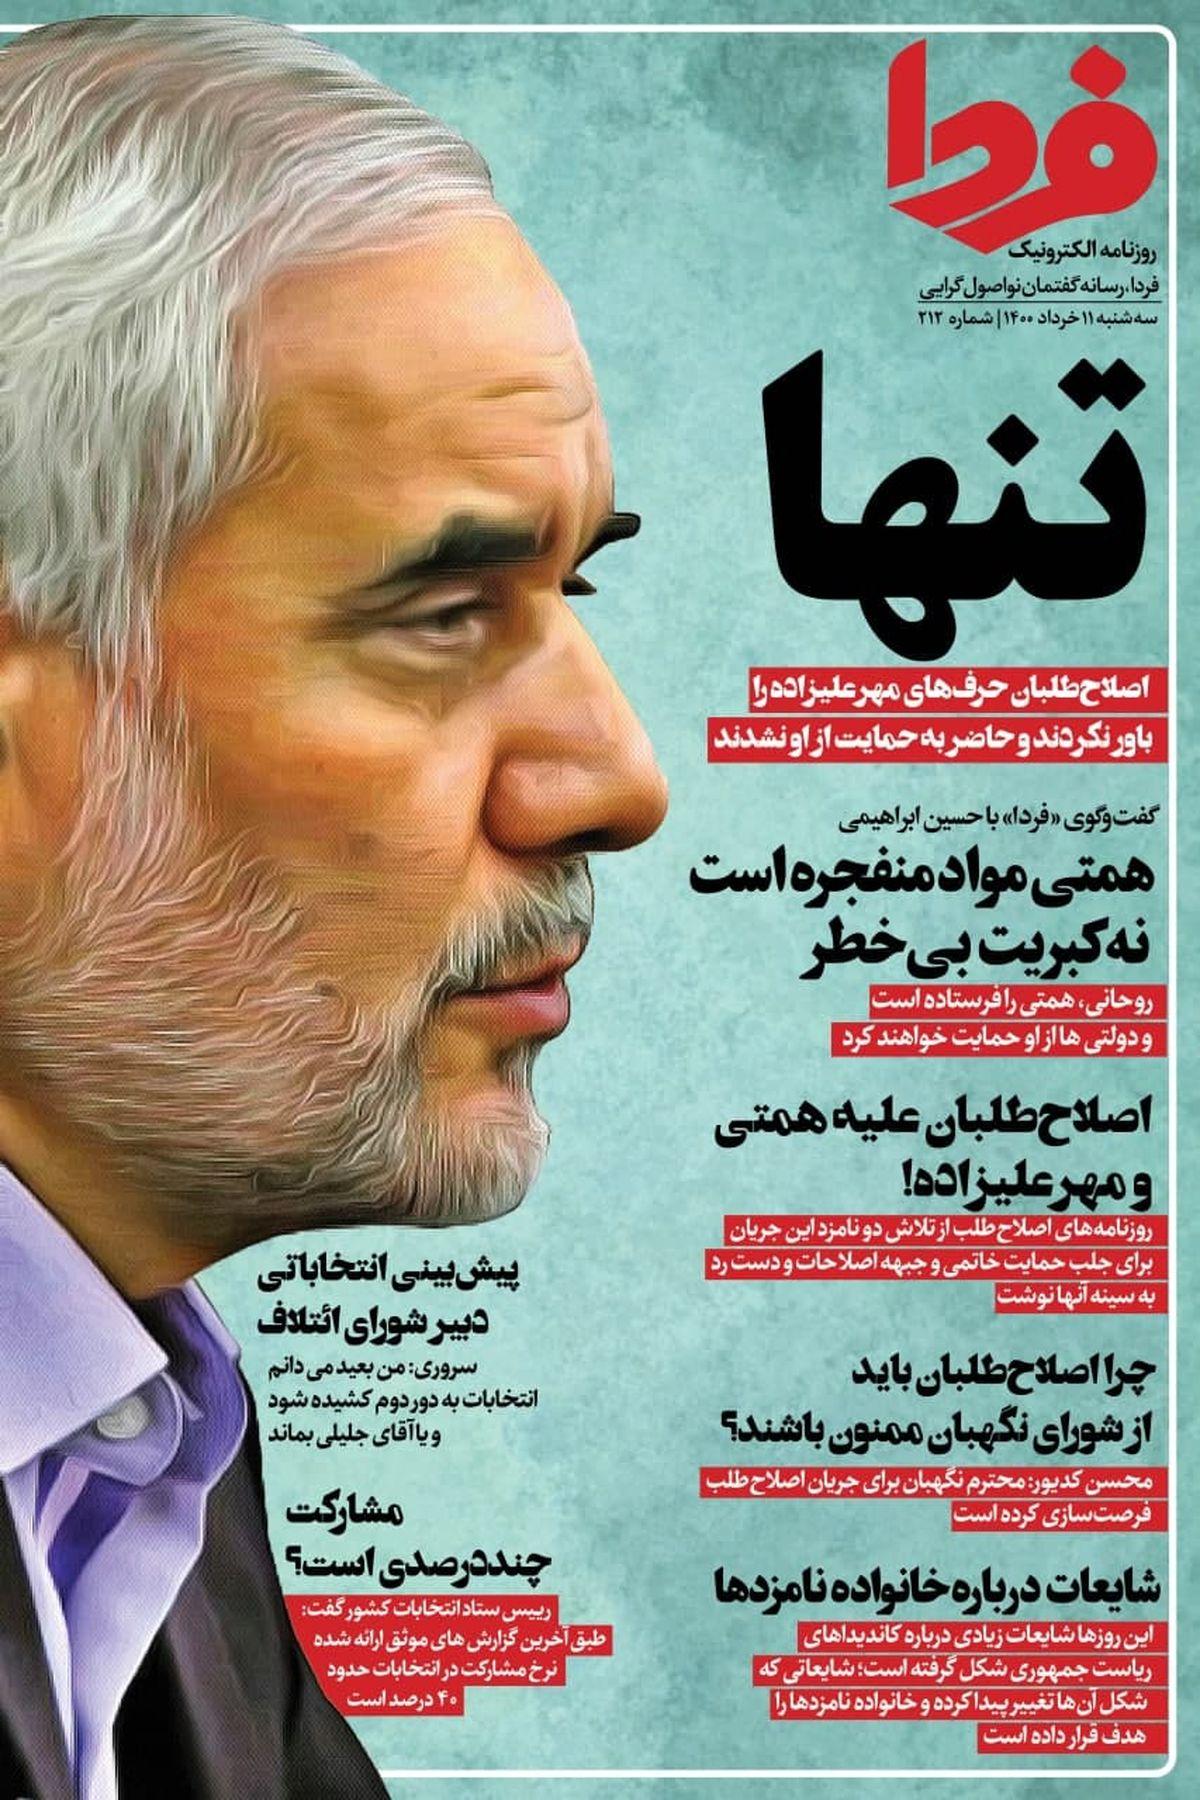 طعنه رسانه قالیباف به کاندیداتوری محسن مهرعلیزاده